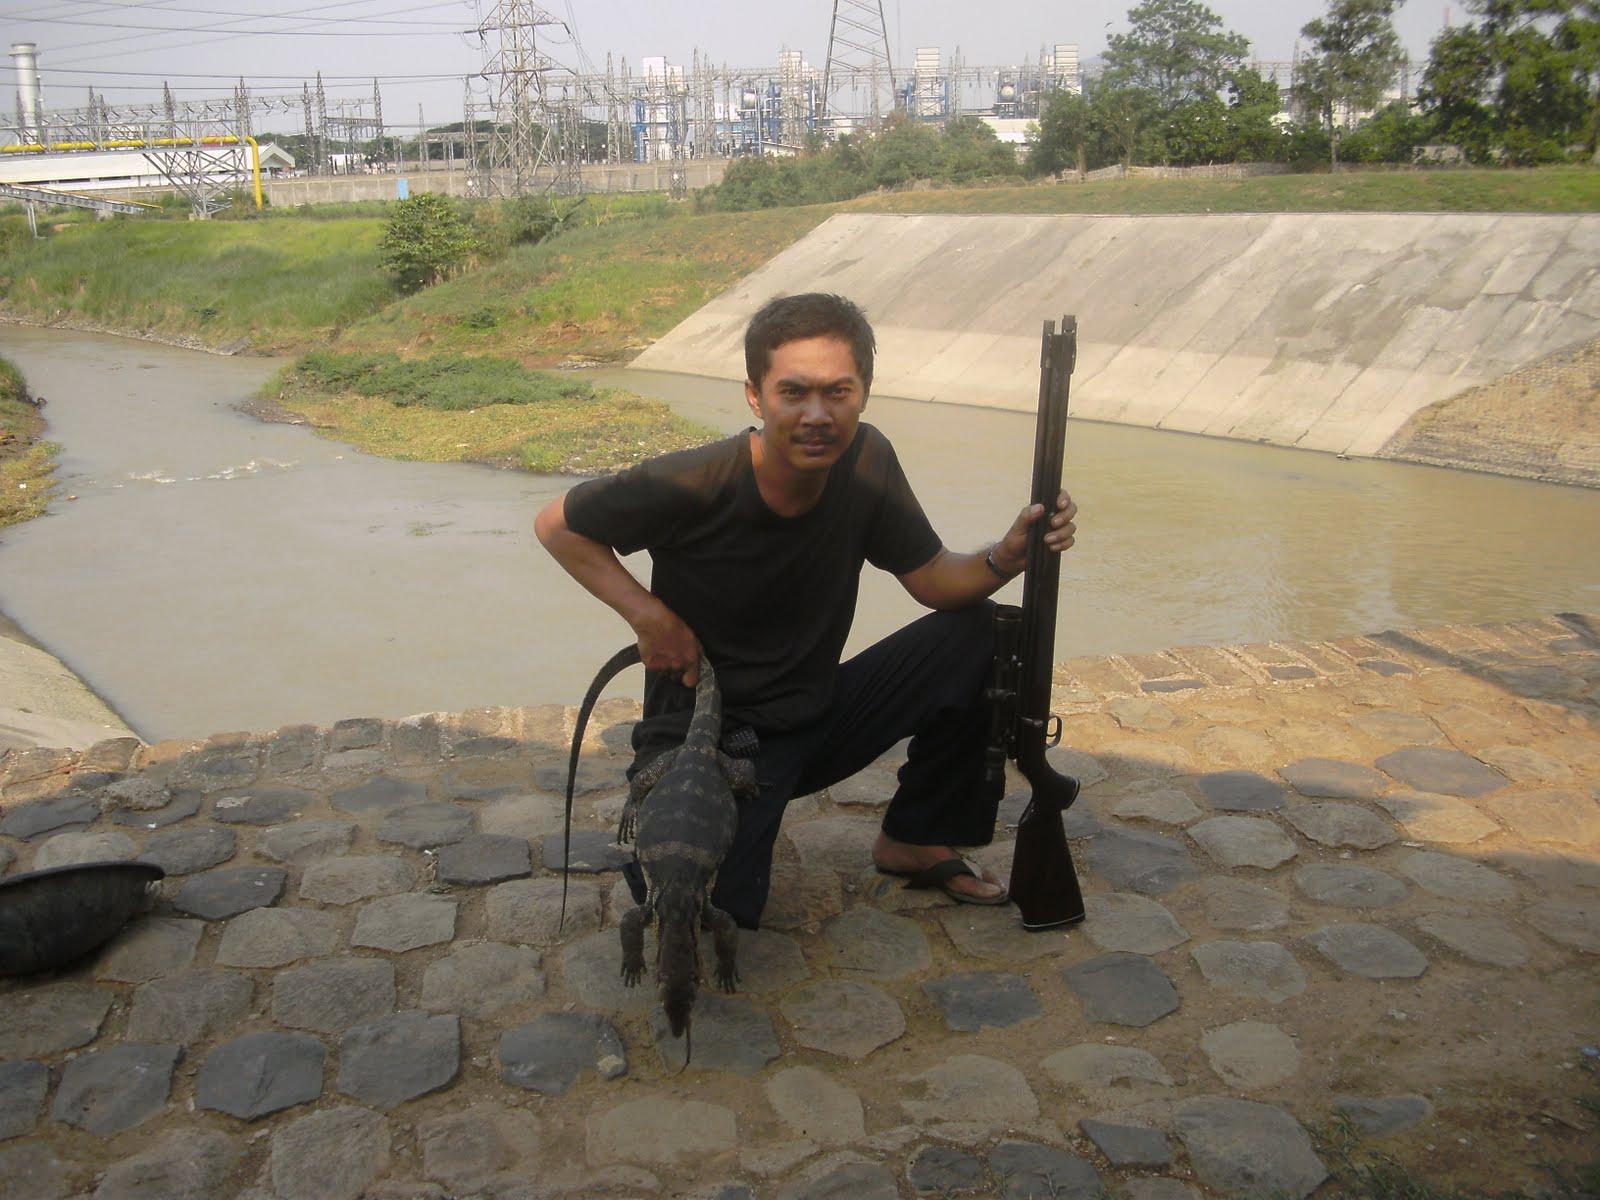 toko senapan pcp kang asep cal 177